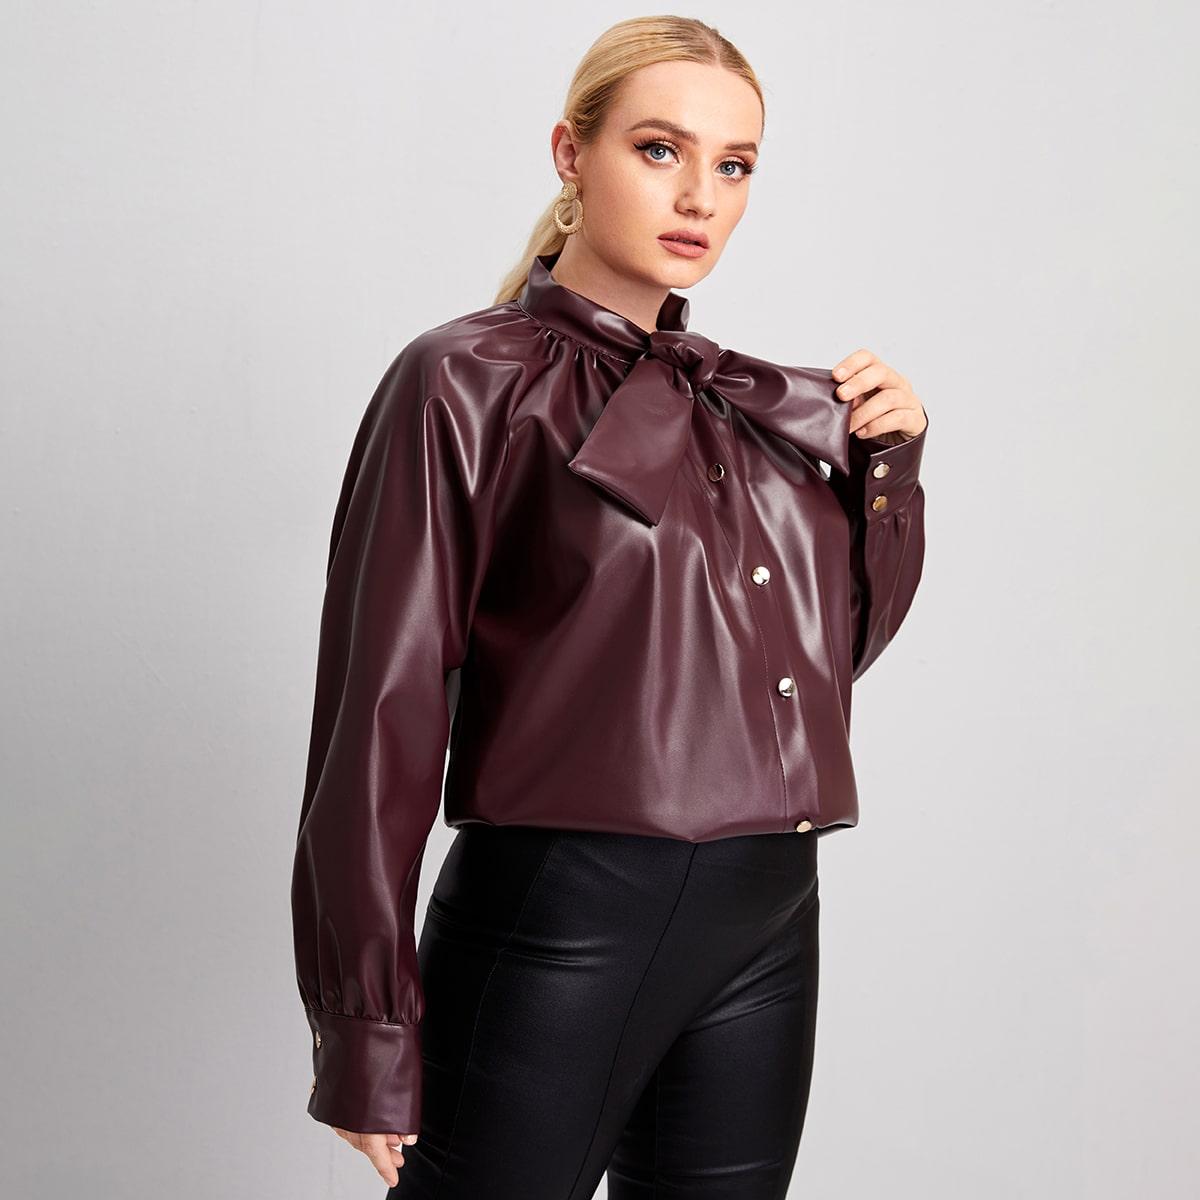 Блузка размера плюс с воротником-бантом и рукавом реглан из искусственной кожи